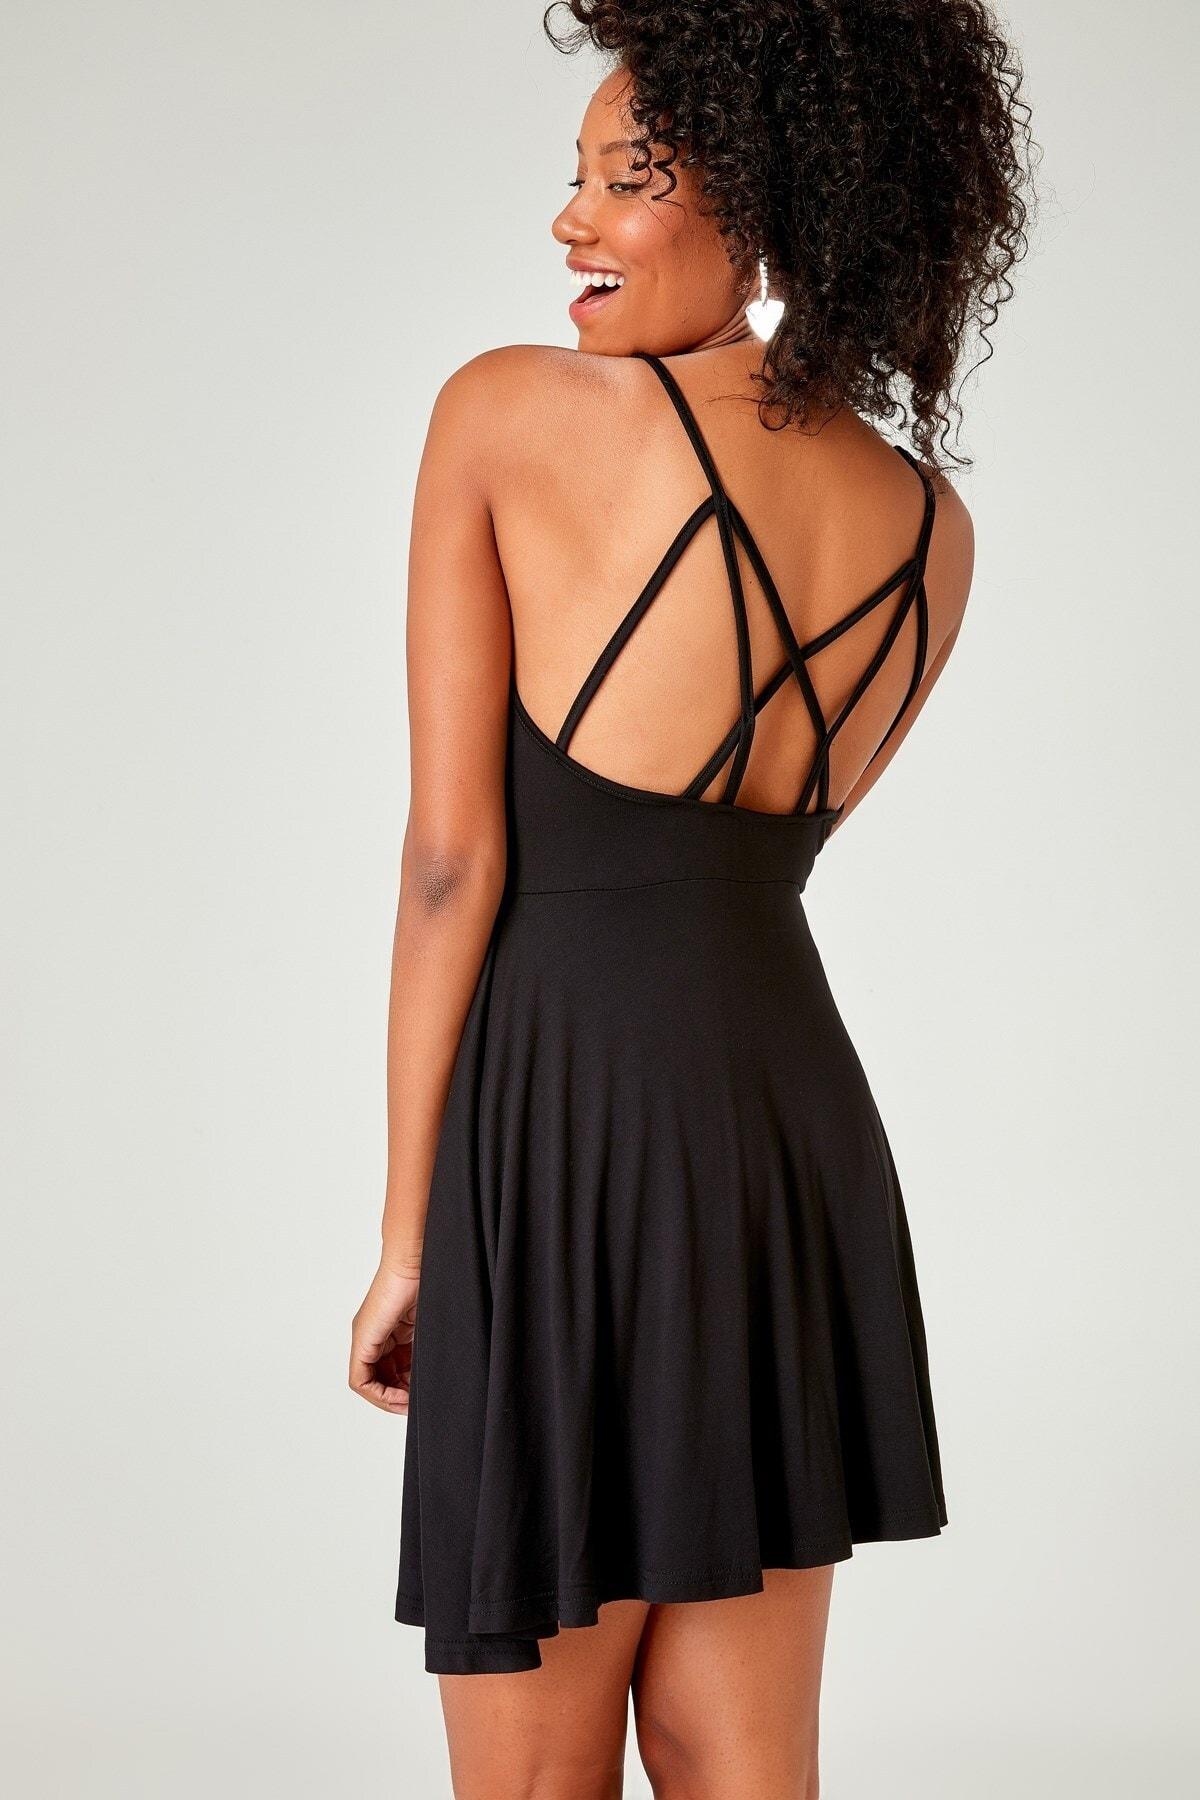 boutiquen Kadın Siyah Sırtı İp Detaylı Askılı Elbise 2127